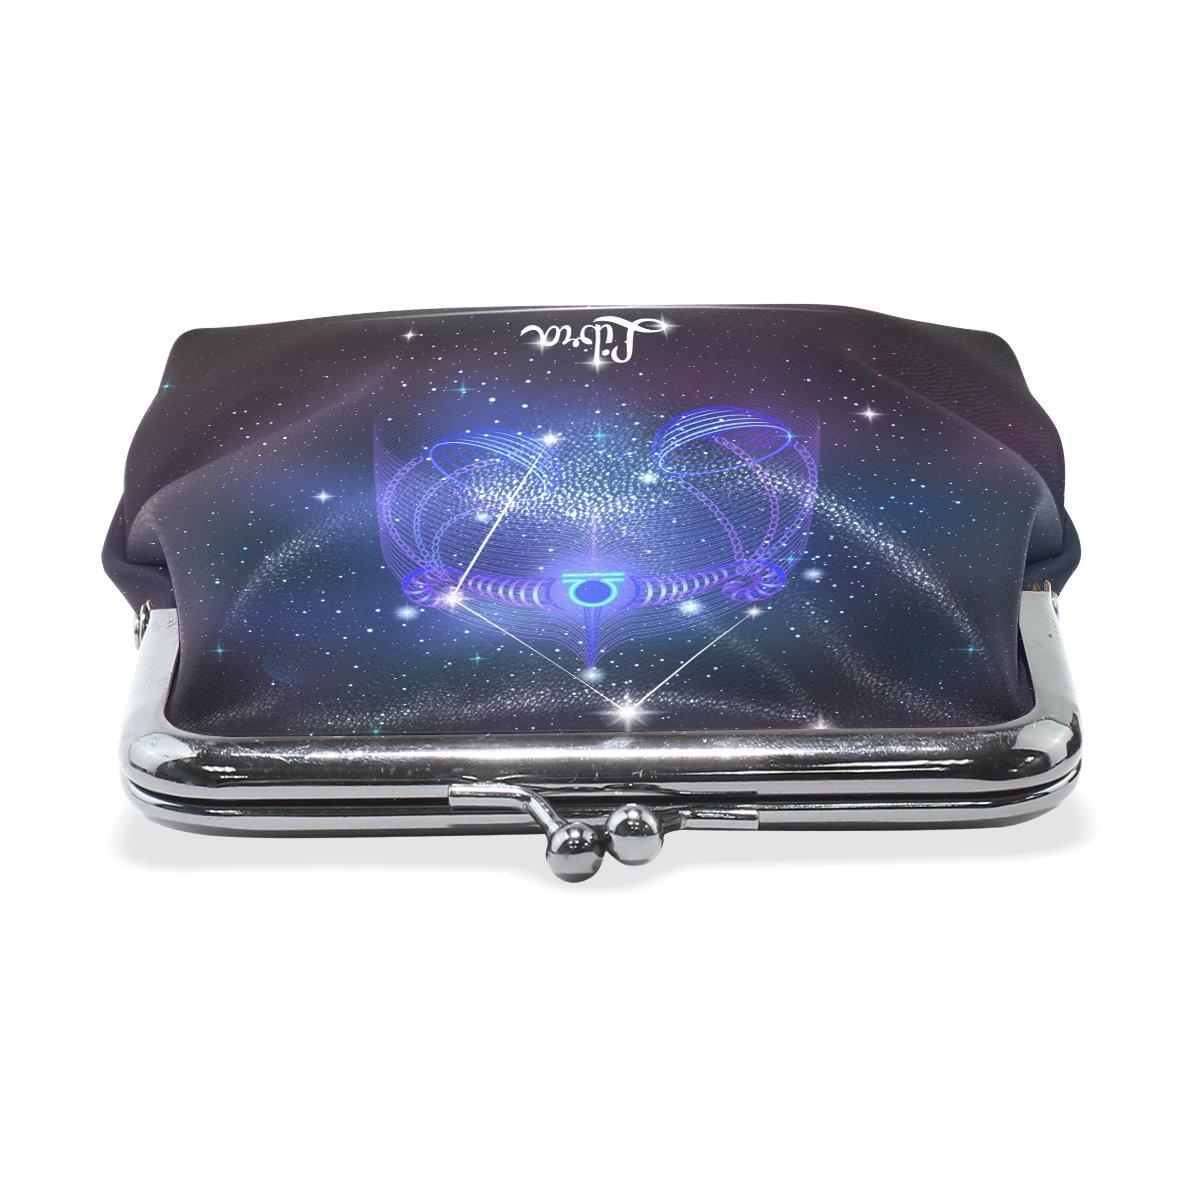 Amazon.com: constelación del signo del zodiaco Libra ...